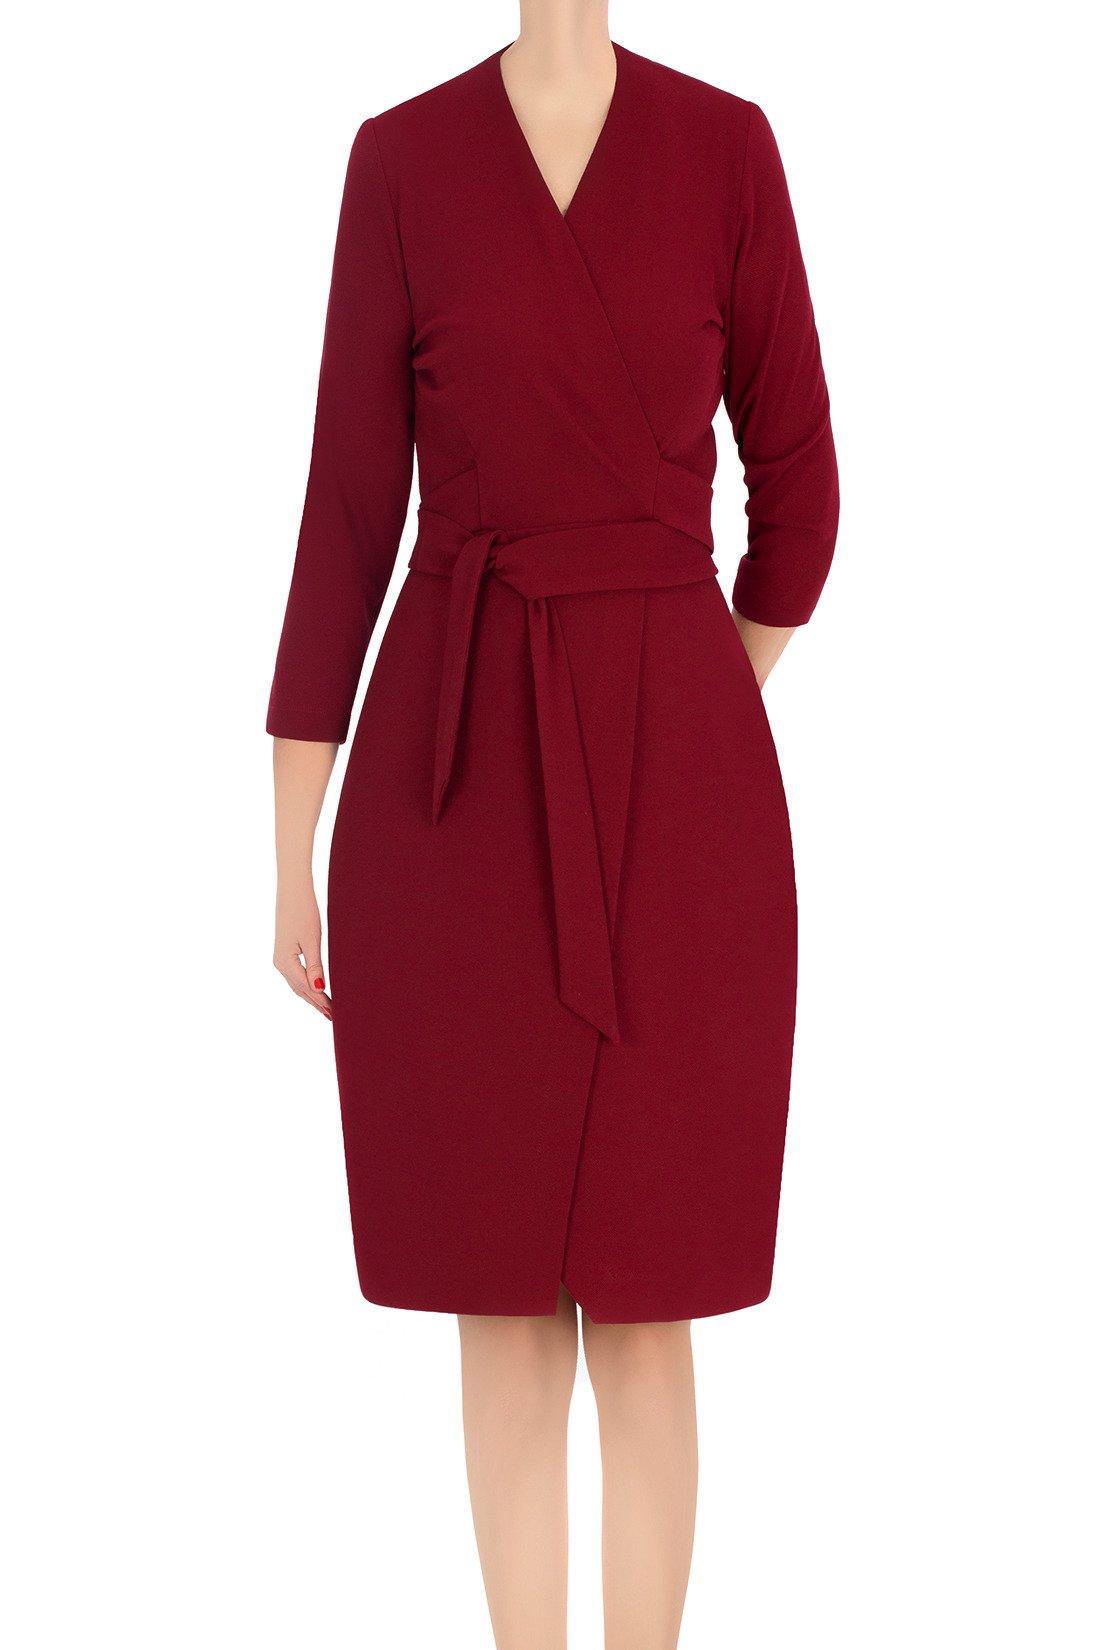 d24d0d542f Koktajlowa sukienka damska Modesta bordowa z wiązaniem 3365